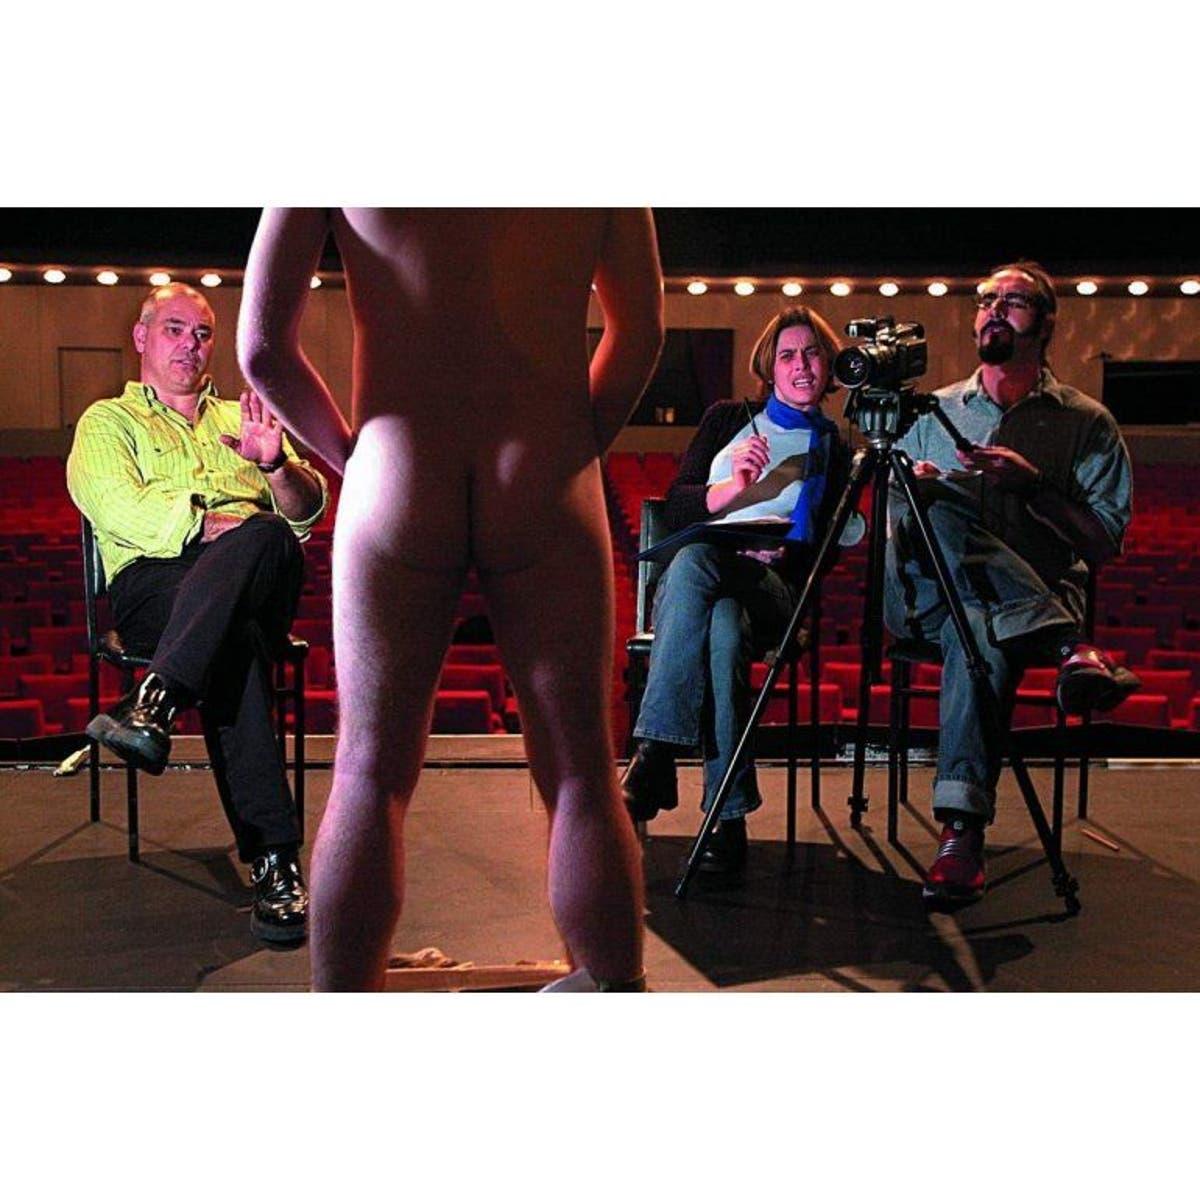 Actores Porno Con Penes De 17 Cms revelan el tamaño estándar del pene erecto